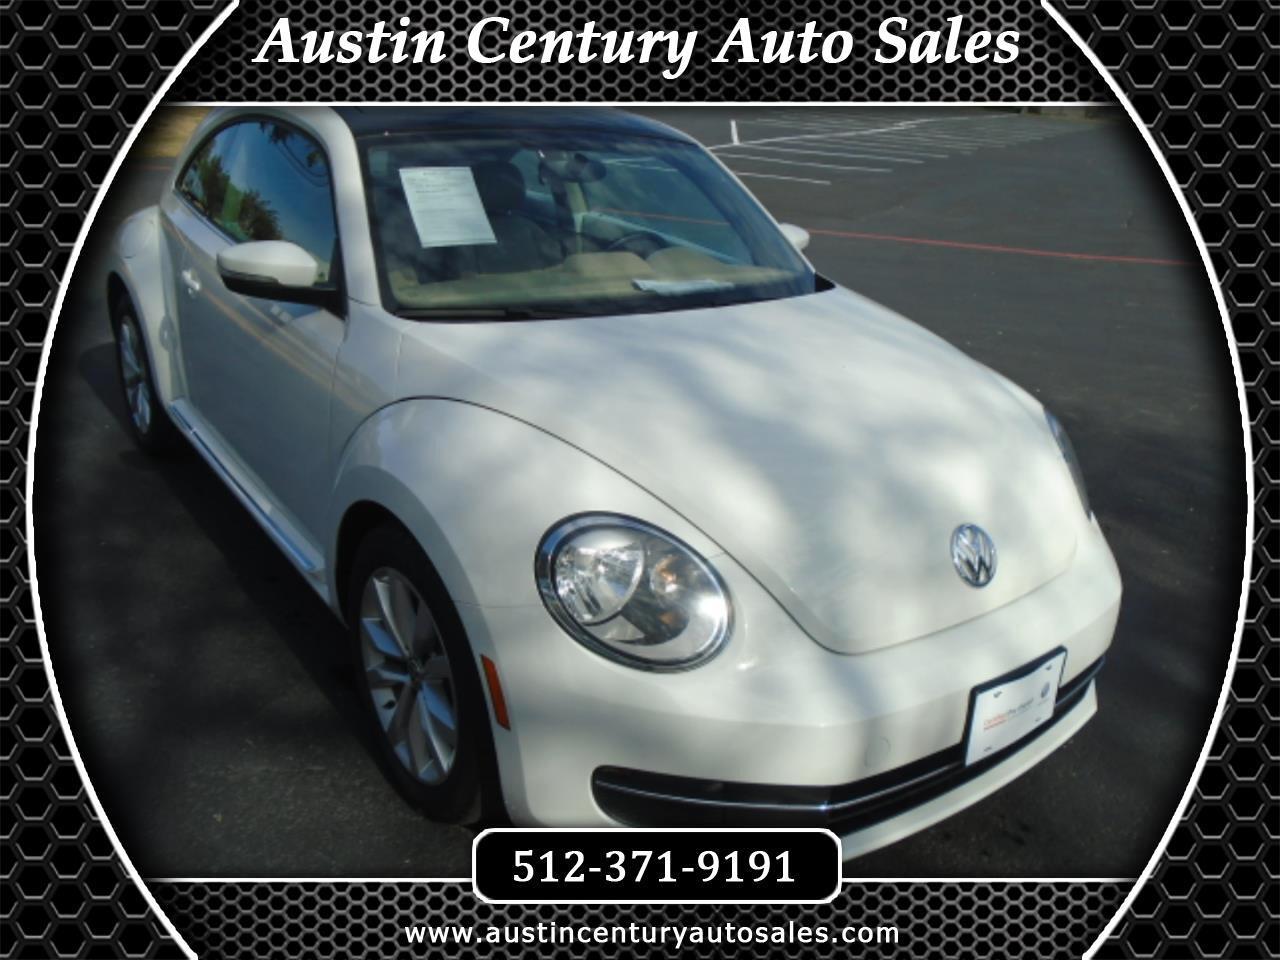 2015 Volkswagen Beetle TDI 6A